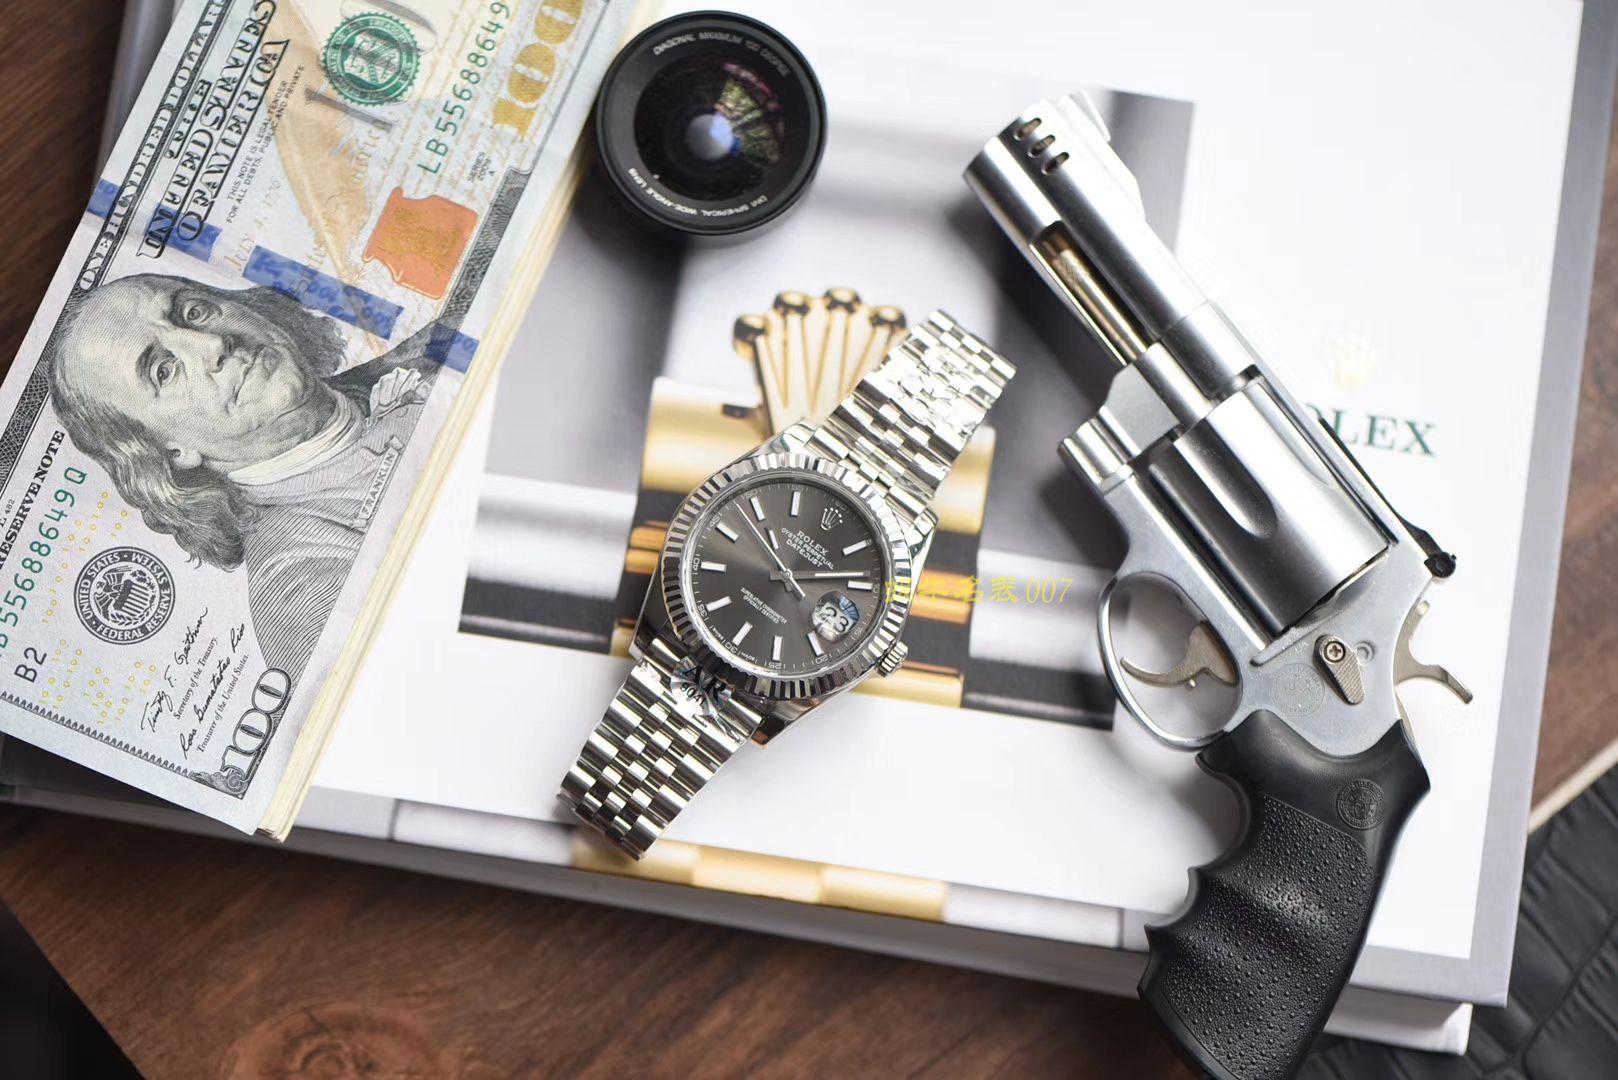 【AR一比一超A复刻】劳力士日志型系列m126334-0014腕表、126334蚝式蓝盘腕表、m126334-0010腕表 / R263